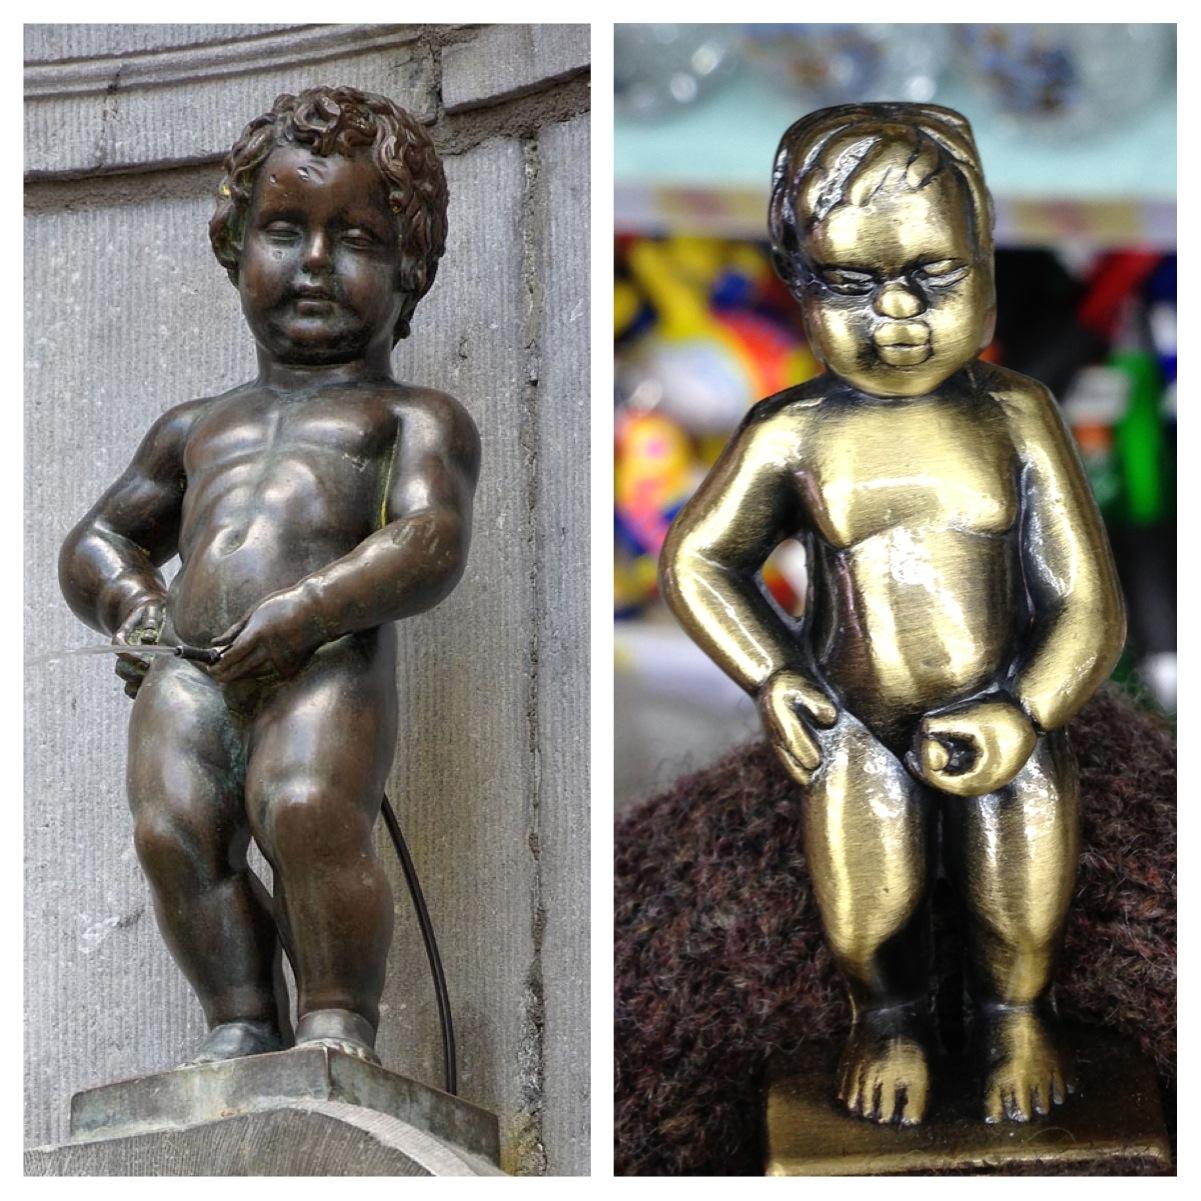 Manneken Pis souvenir, bruxelles, belgium